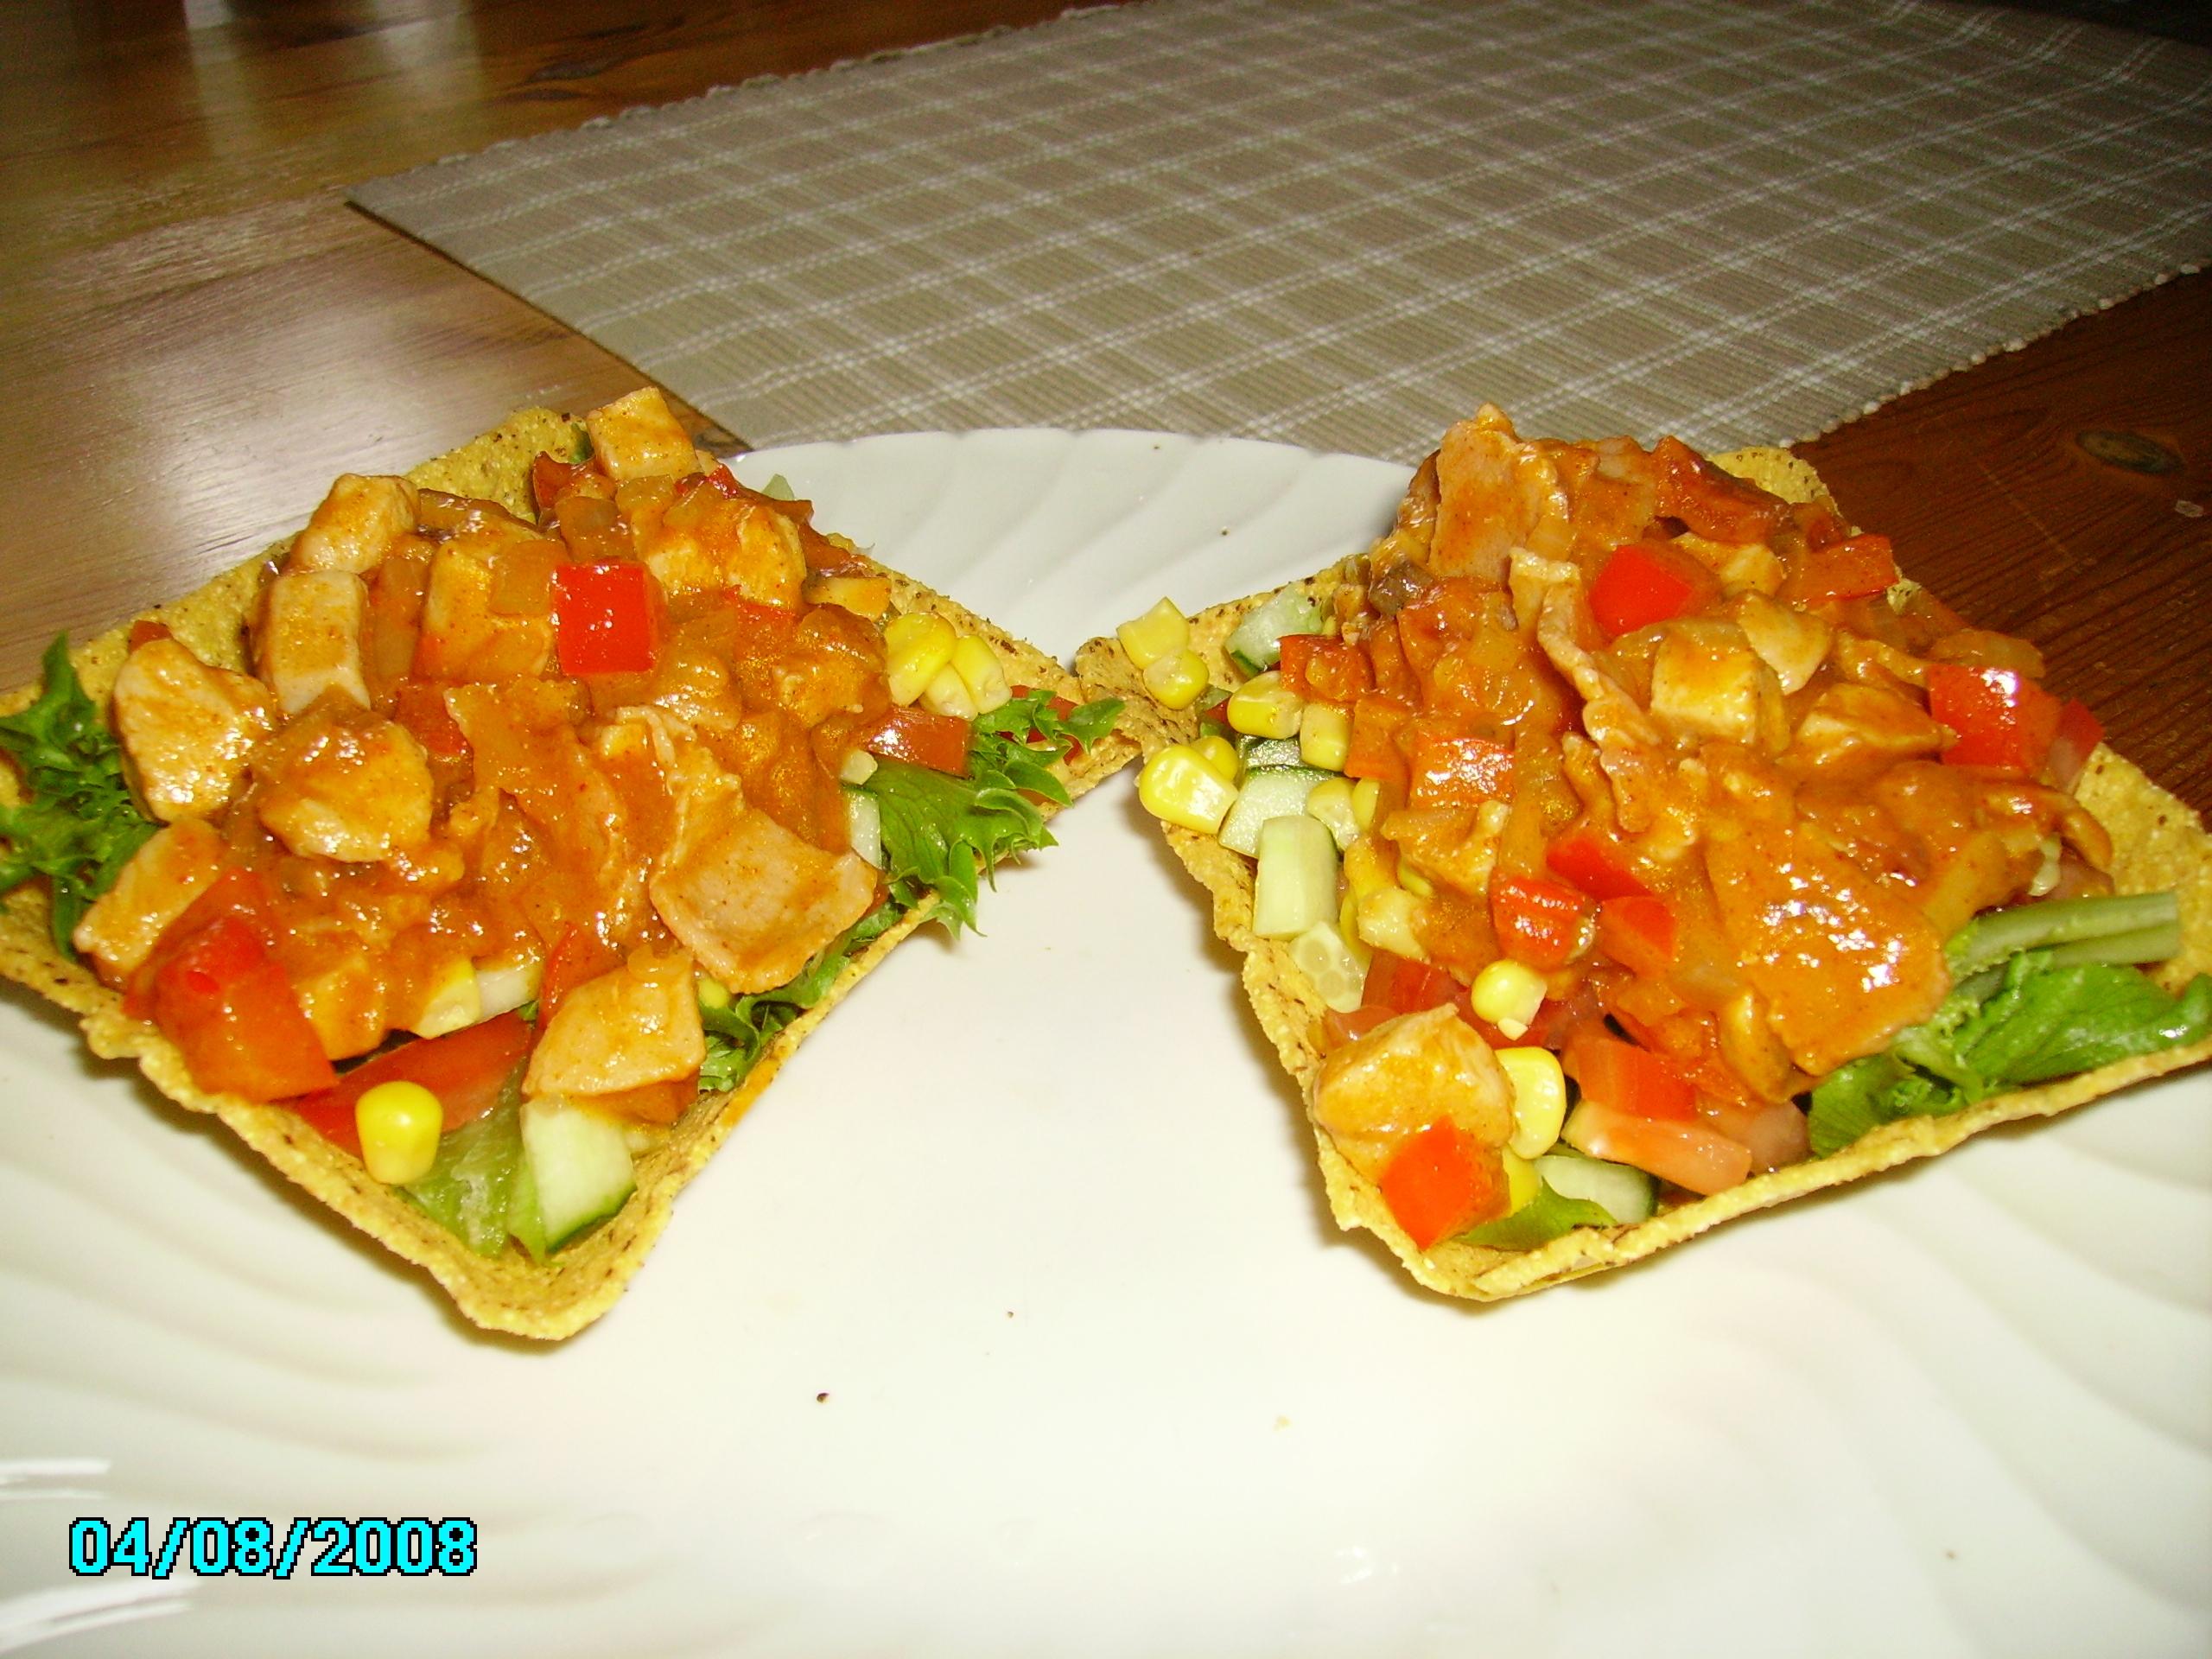 Kyckling tacos.